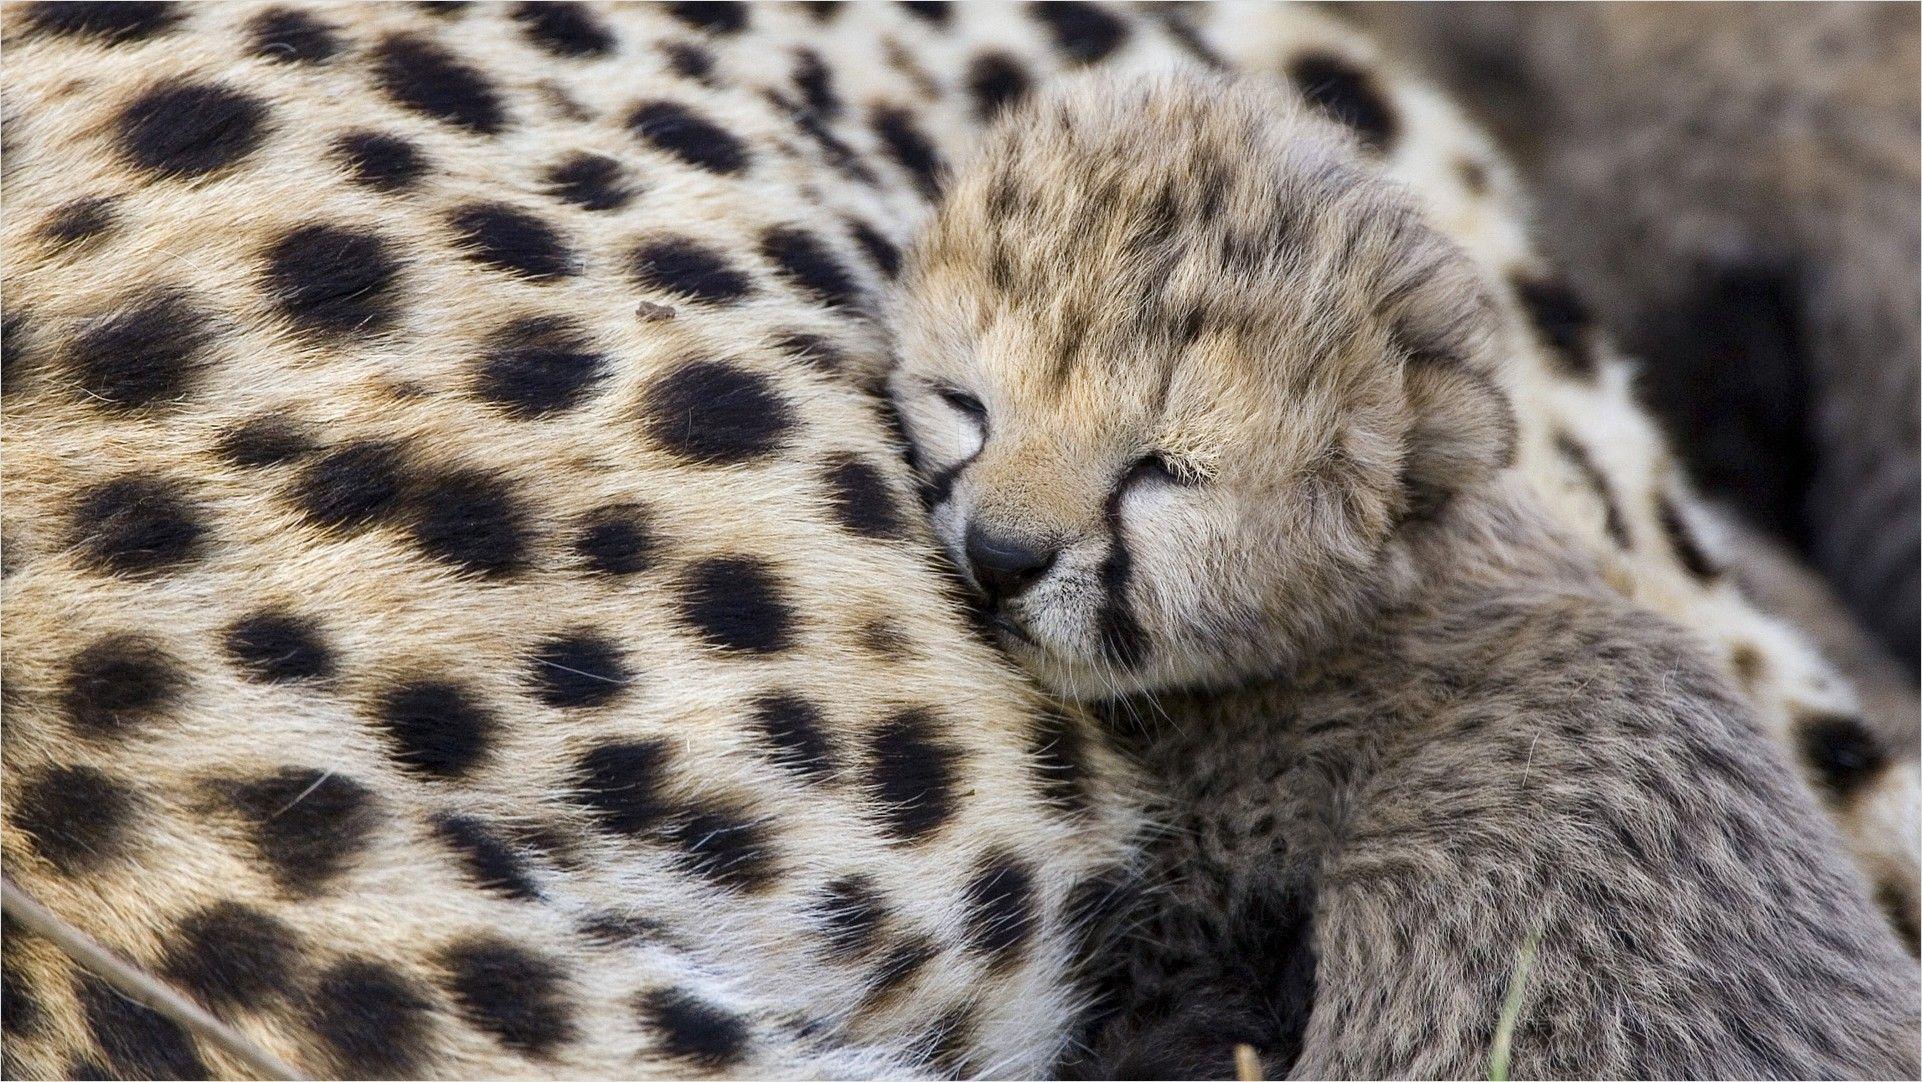 4k Baby Cheetah Wallpaper Cute Wild Animals Leopard Pictures Wild Animals Photos